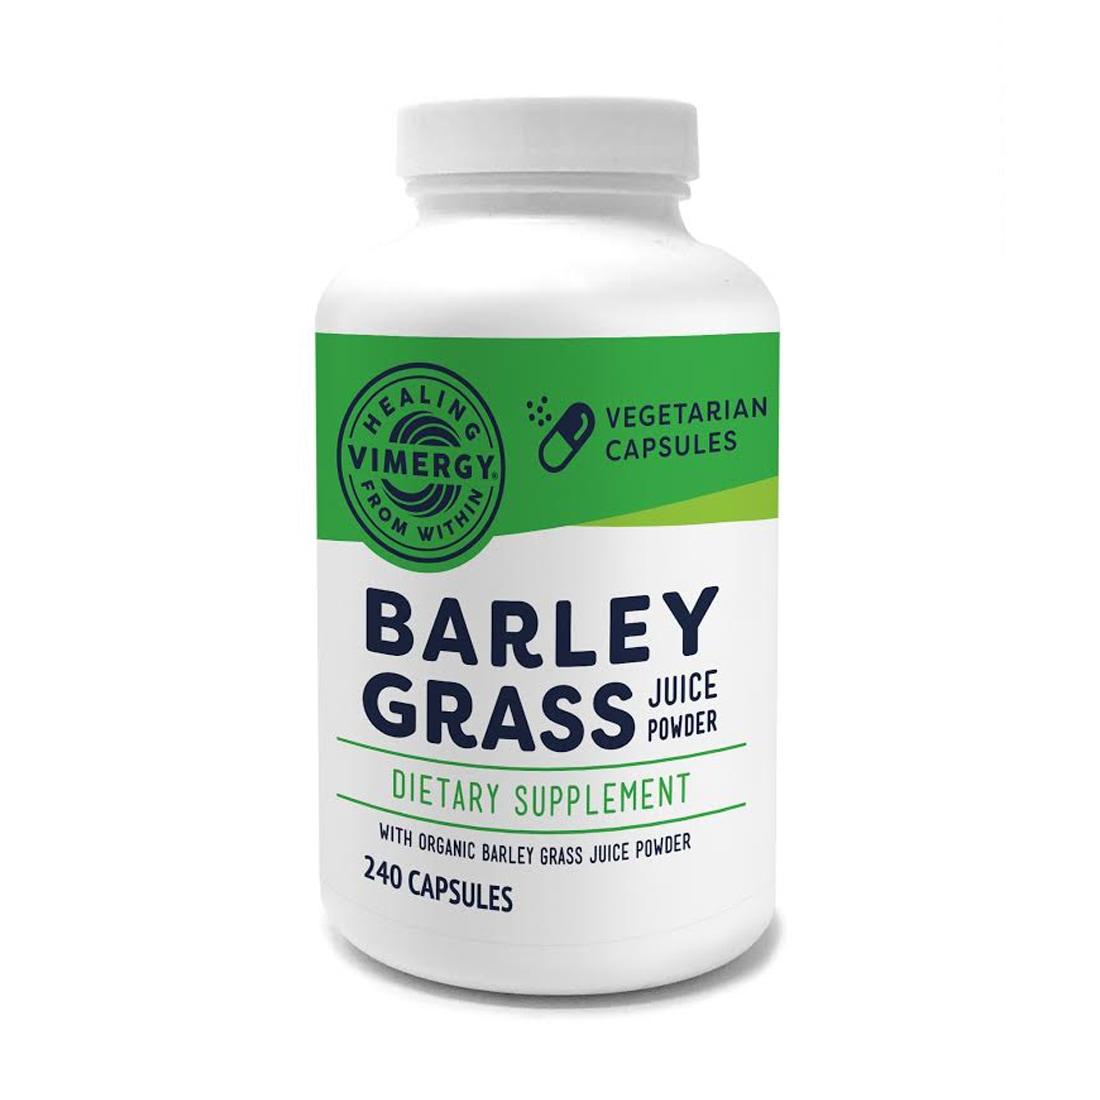 flower-of-life-vimergy-barleygrass-capsules-240-caps-bottle-front